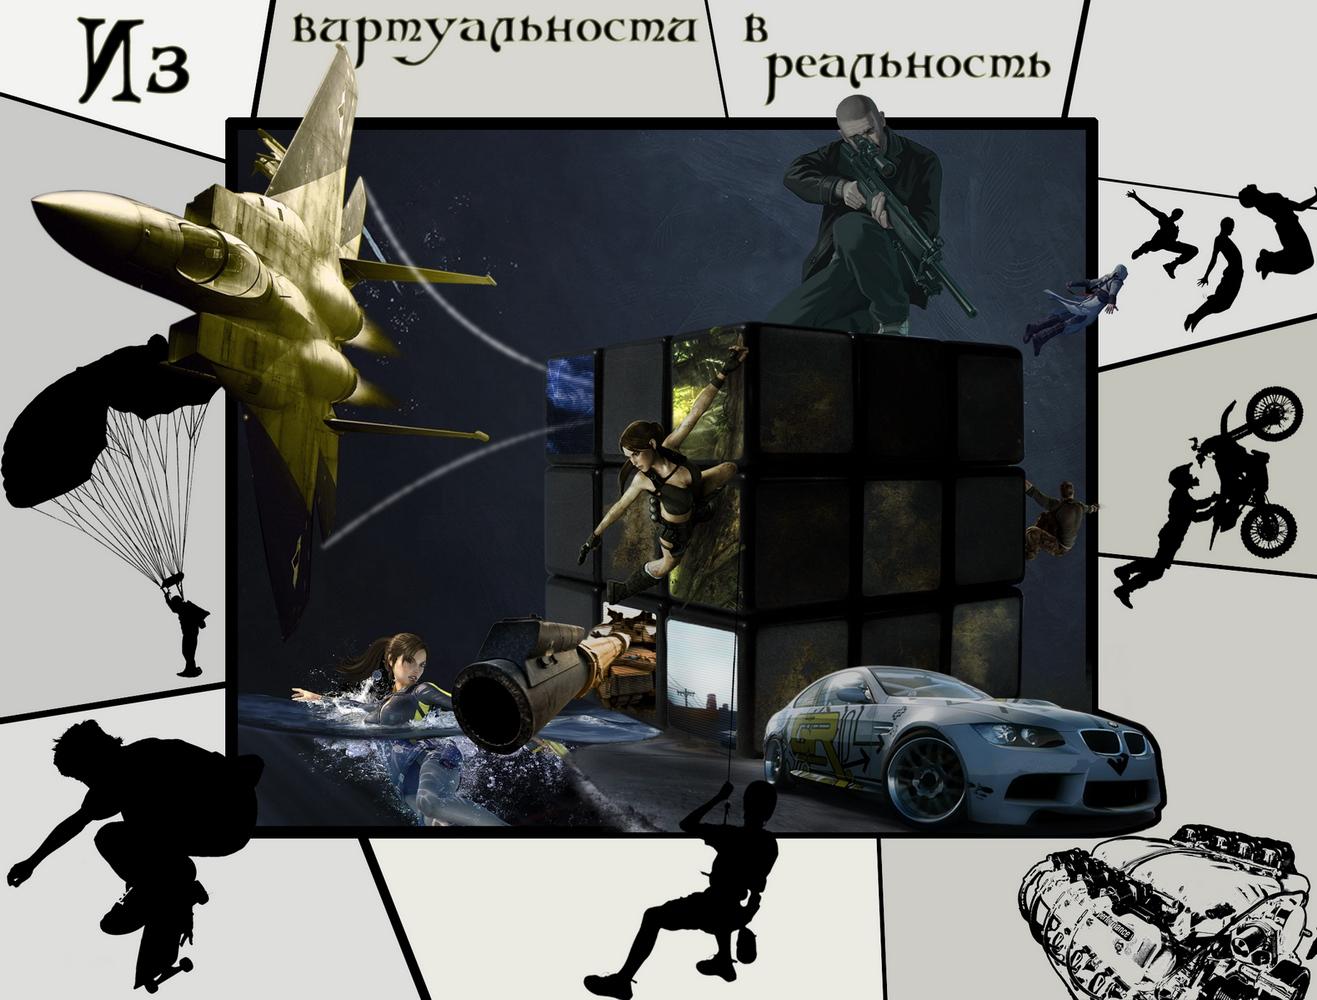 gallery_79462_27_424488.jpg